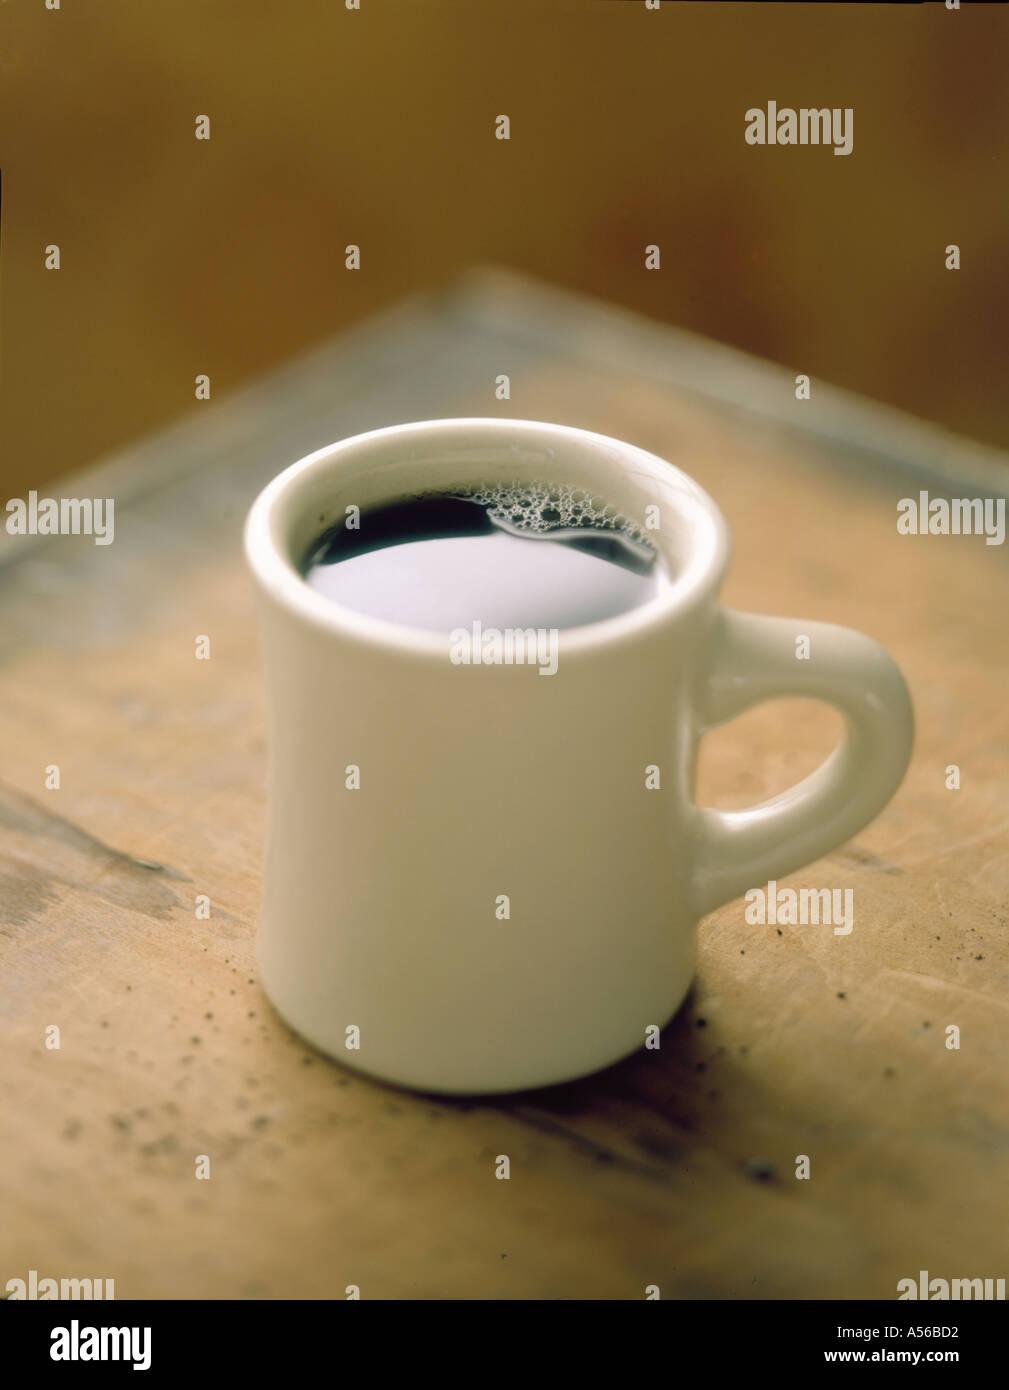 Grande tasse de café assis sur le coin de la table Photo Stock